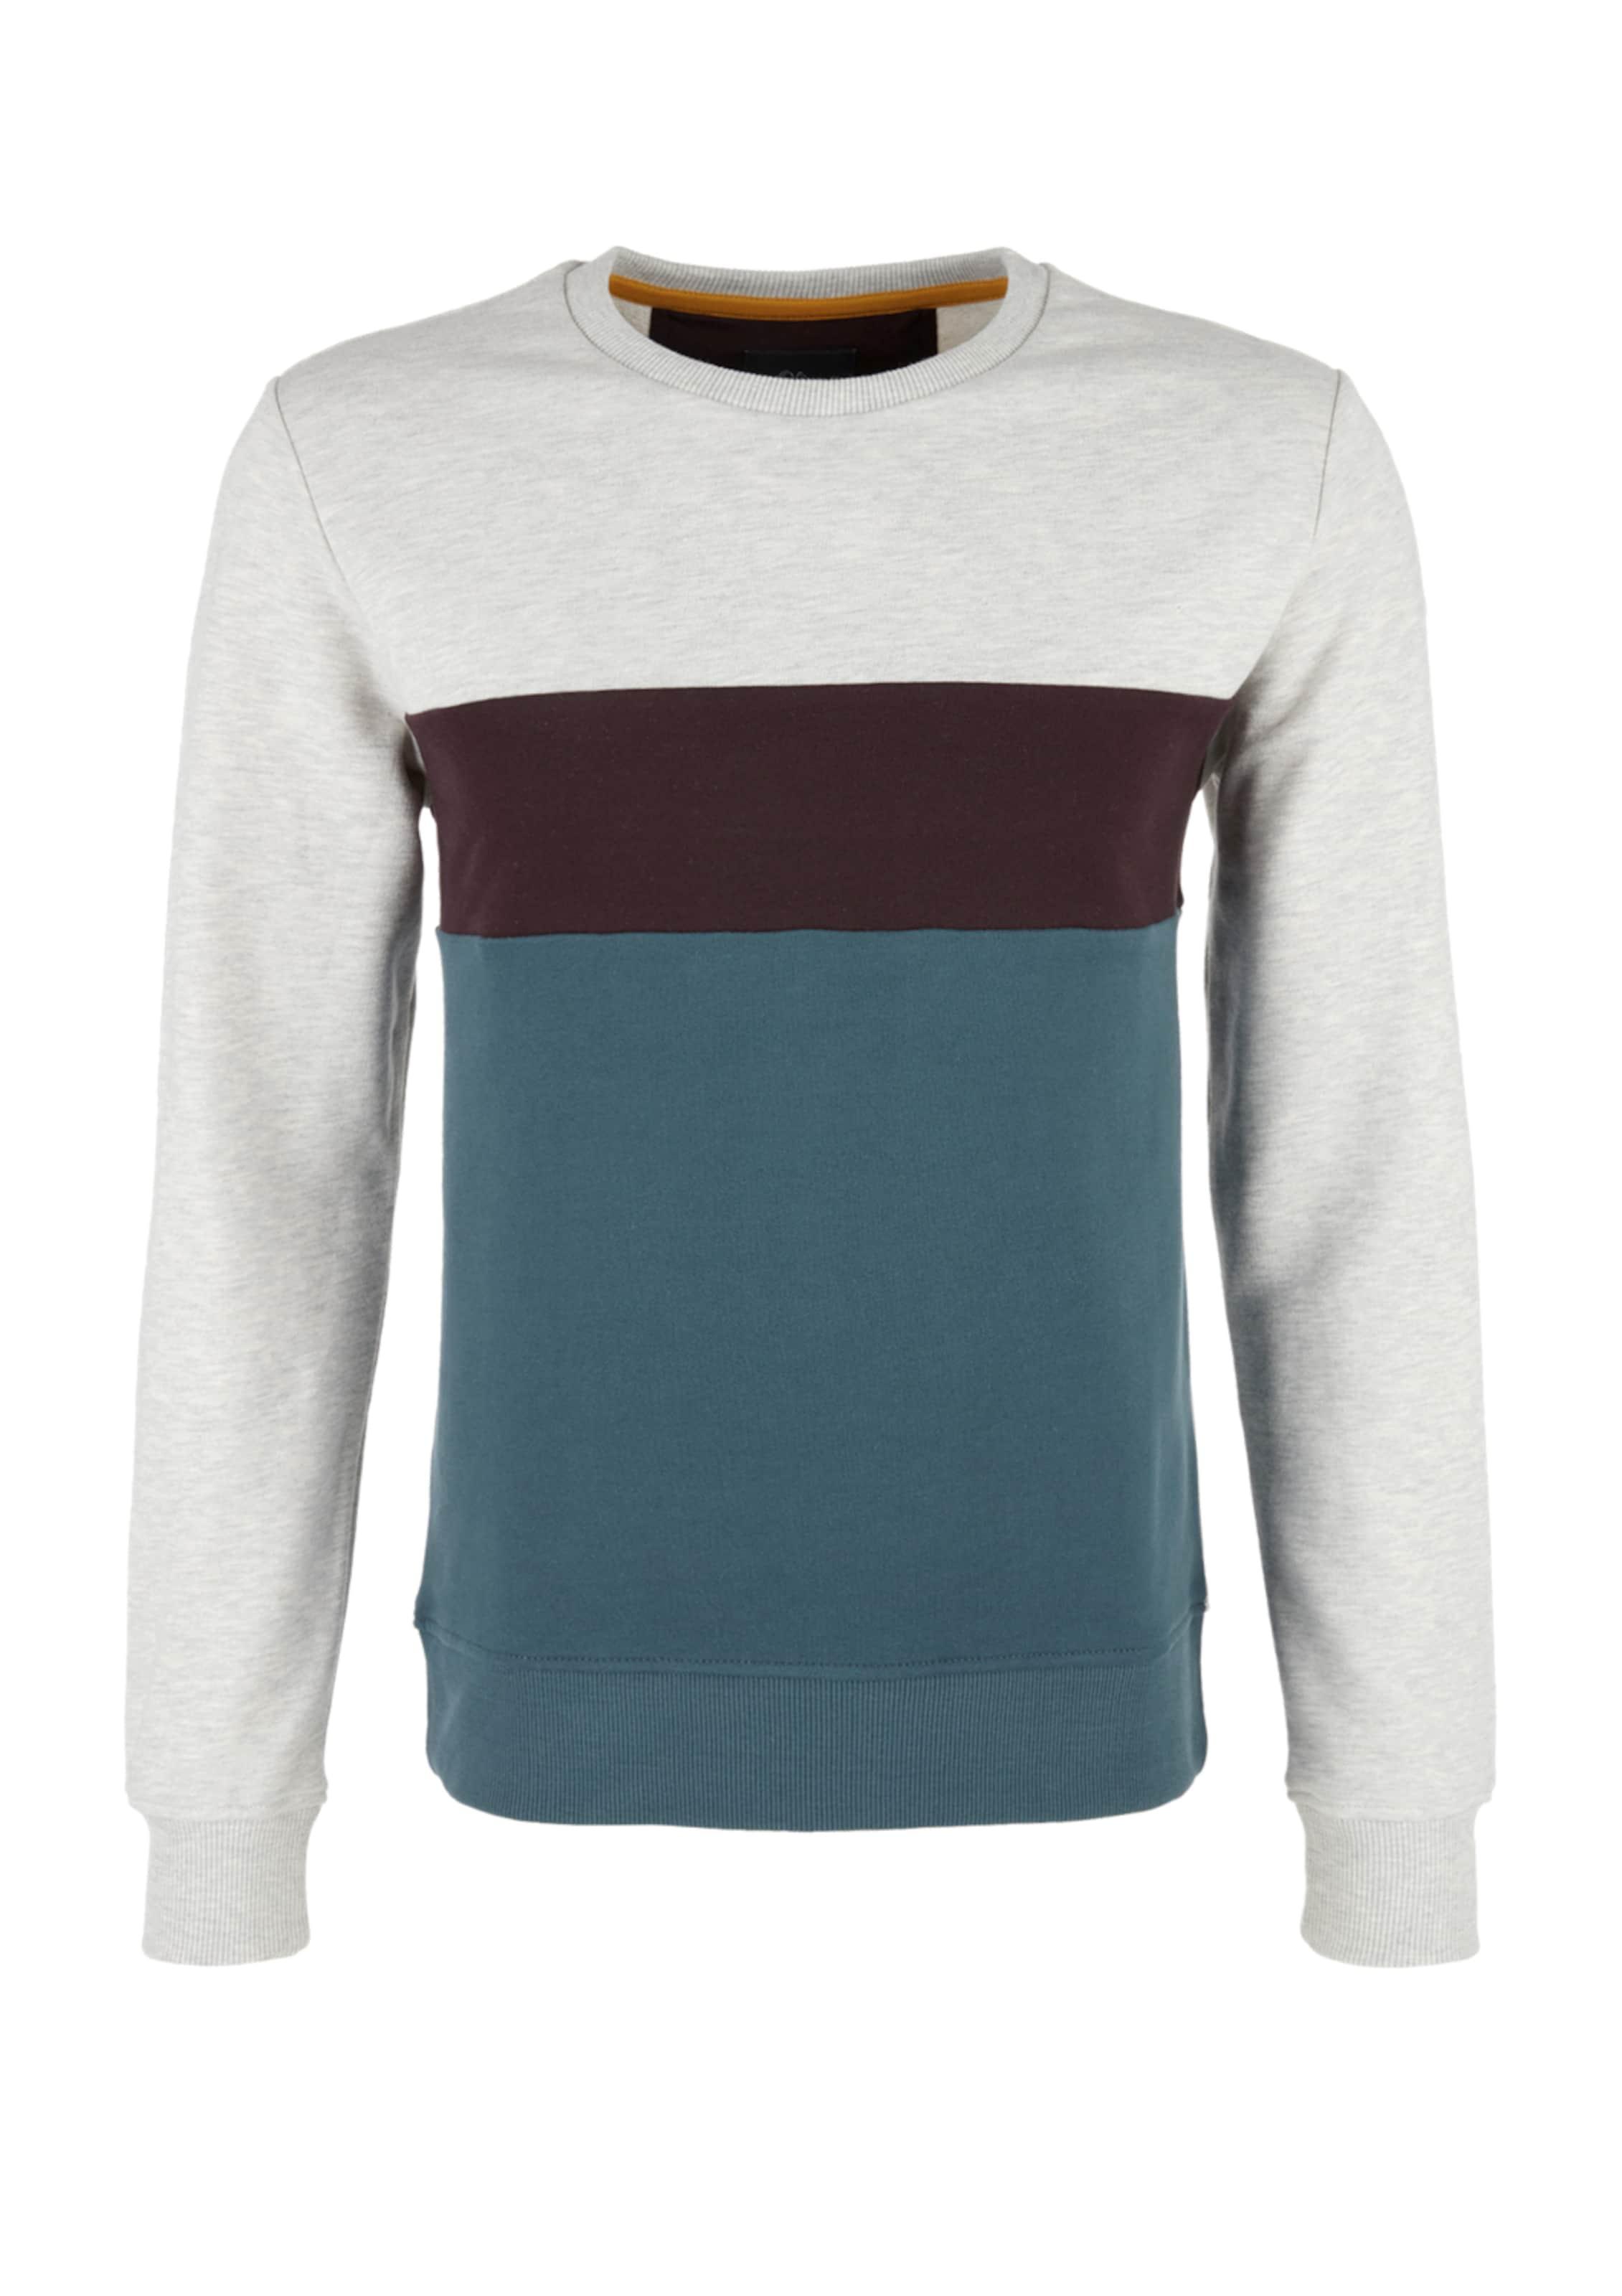 TaubenblauSchwarz Sweatshirt oliver Weißmeliert S In l1KcFJT